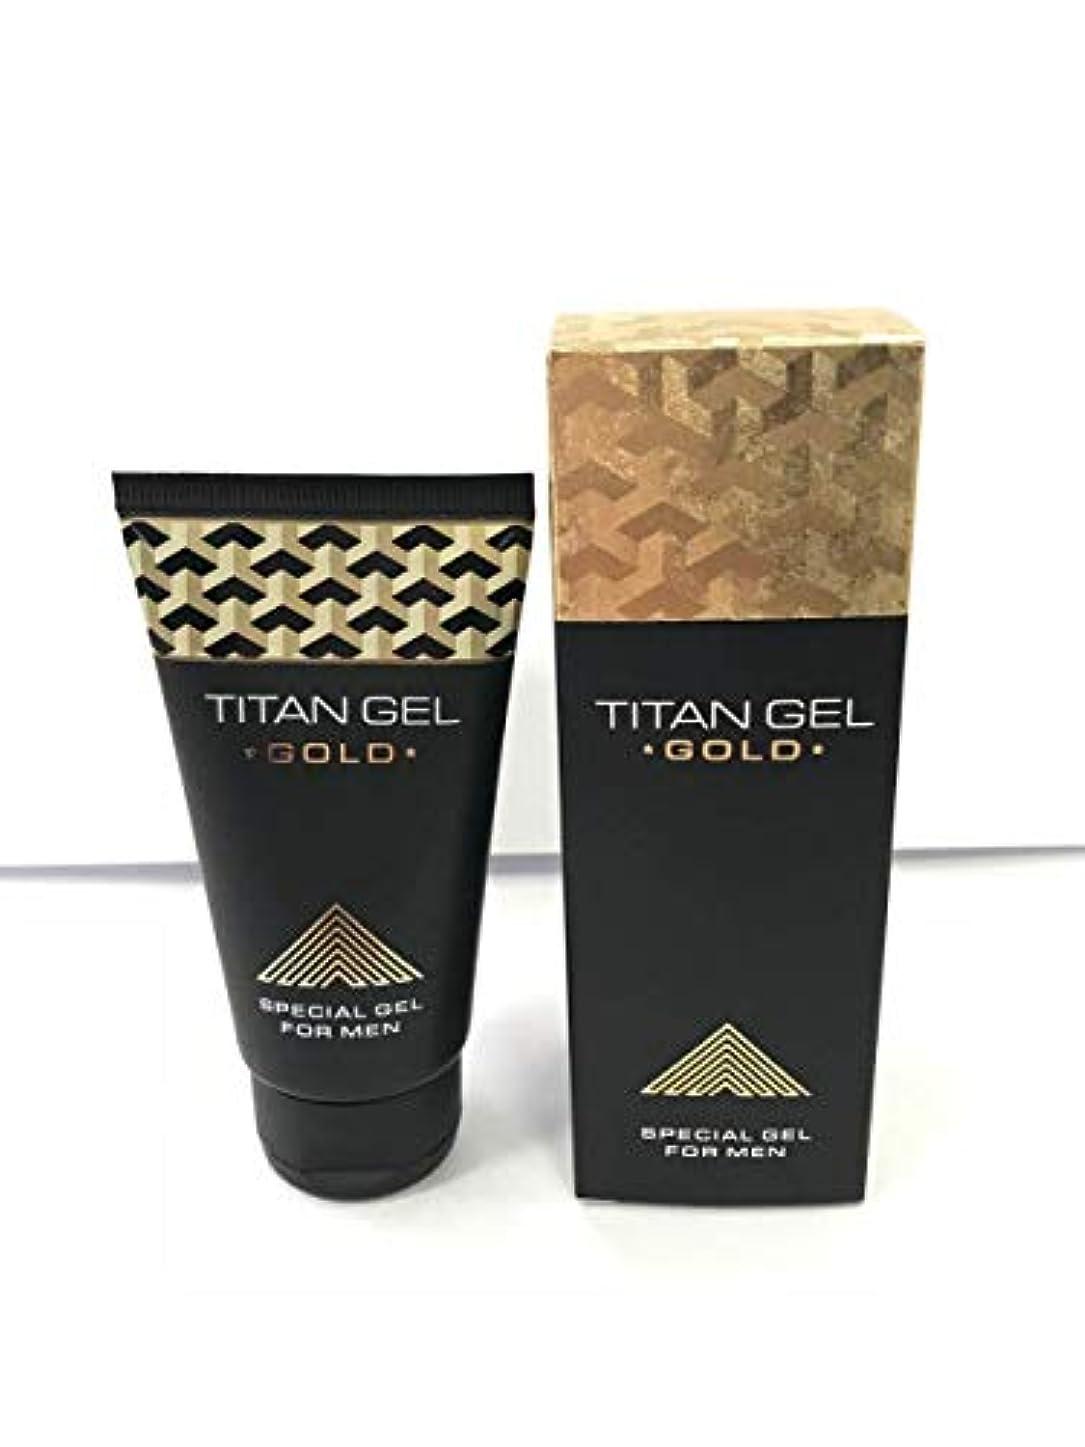 球状ラビリンス文芸タイタンジェル ゴールド オリジナルチタンゲルバージョンゴールド Titan gel Gold 50 ml.